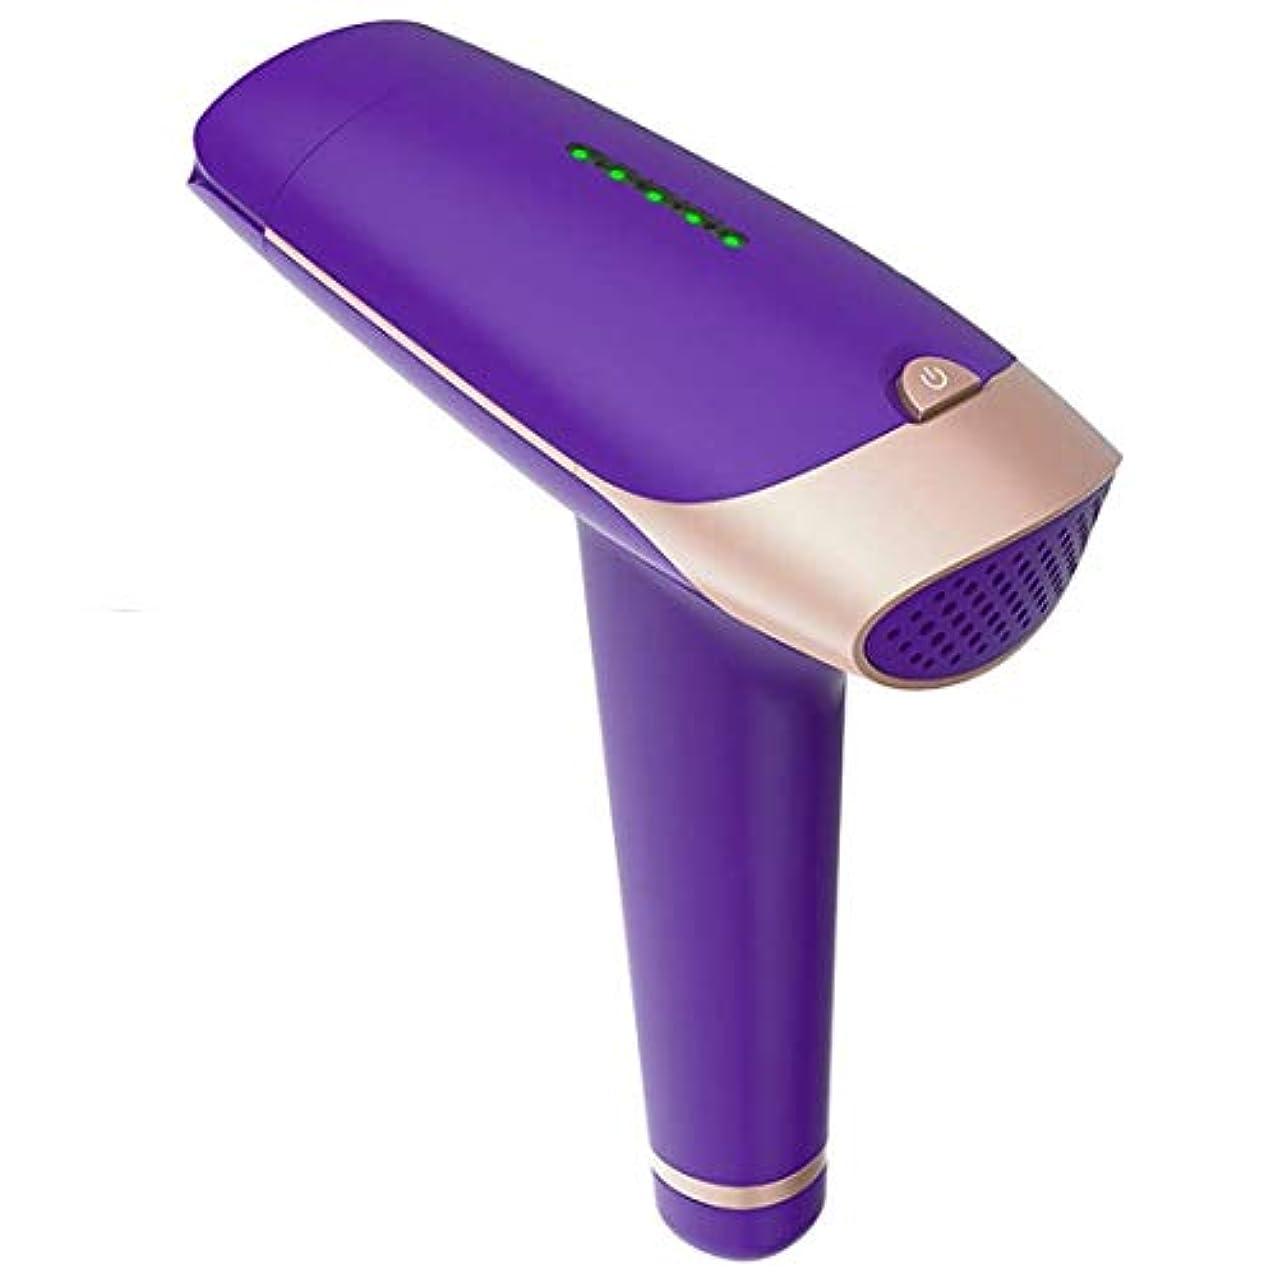 起きている構成員座るTrliy- 紫色のlpl脱毛システム、プロフェッショナルライト痛みのないレーザー脱毛器永久的な脱毛装置用男女ボディフェイスビキニ